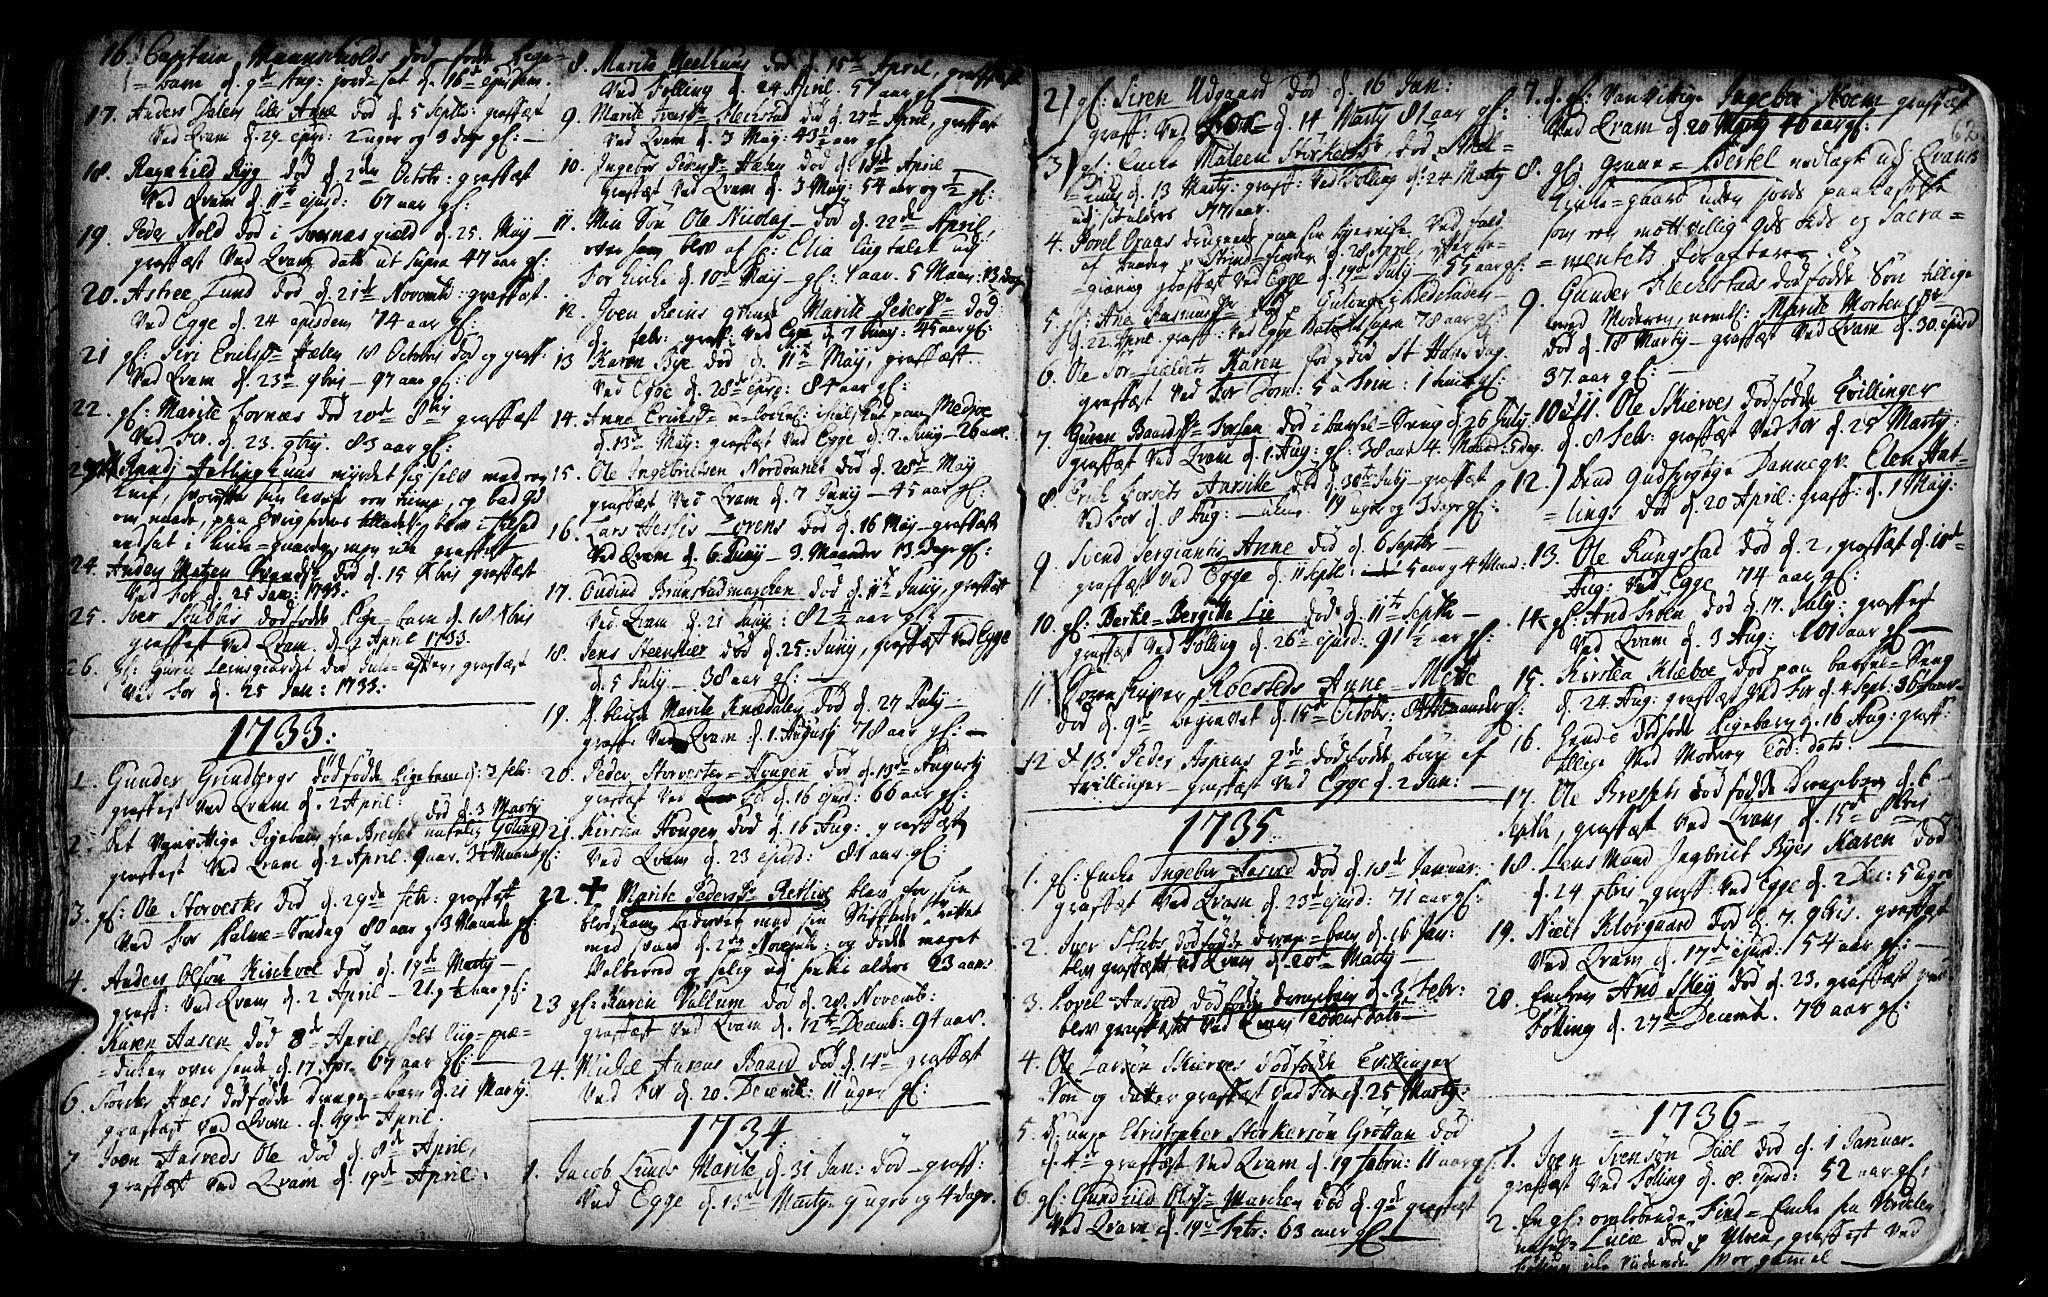 SAT, Ministerialprotokoller, klokkerbøker og fødselsregistre - Nord-Trøndelag, 746/L0439: Ministerialbok nr. 746A01, 1688-1759, s. 62